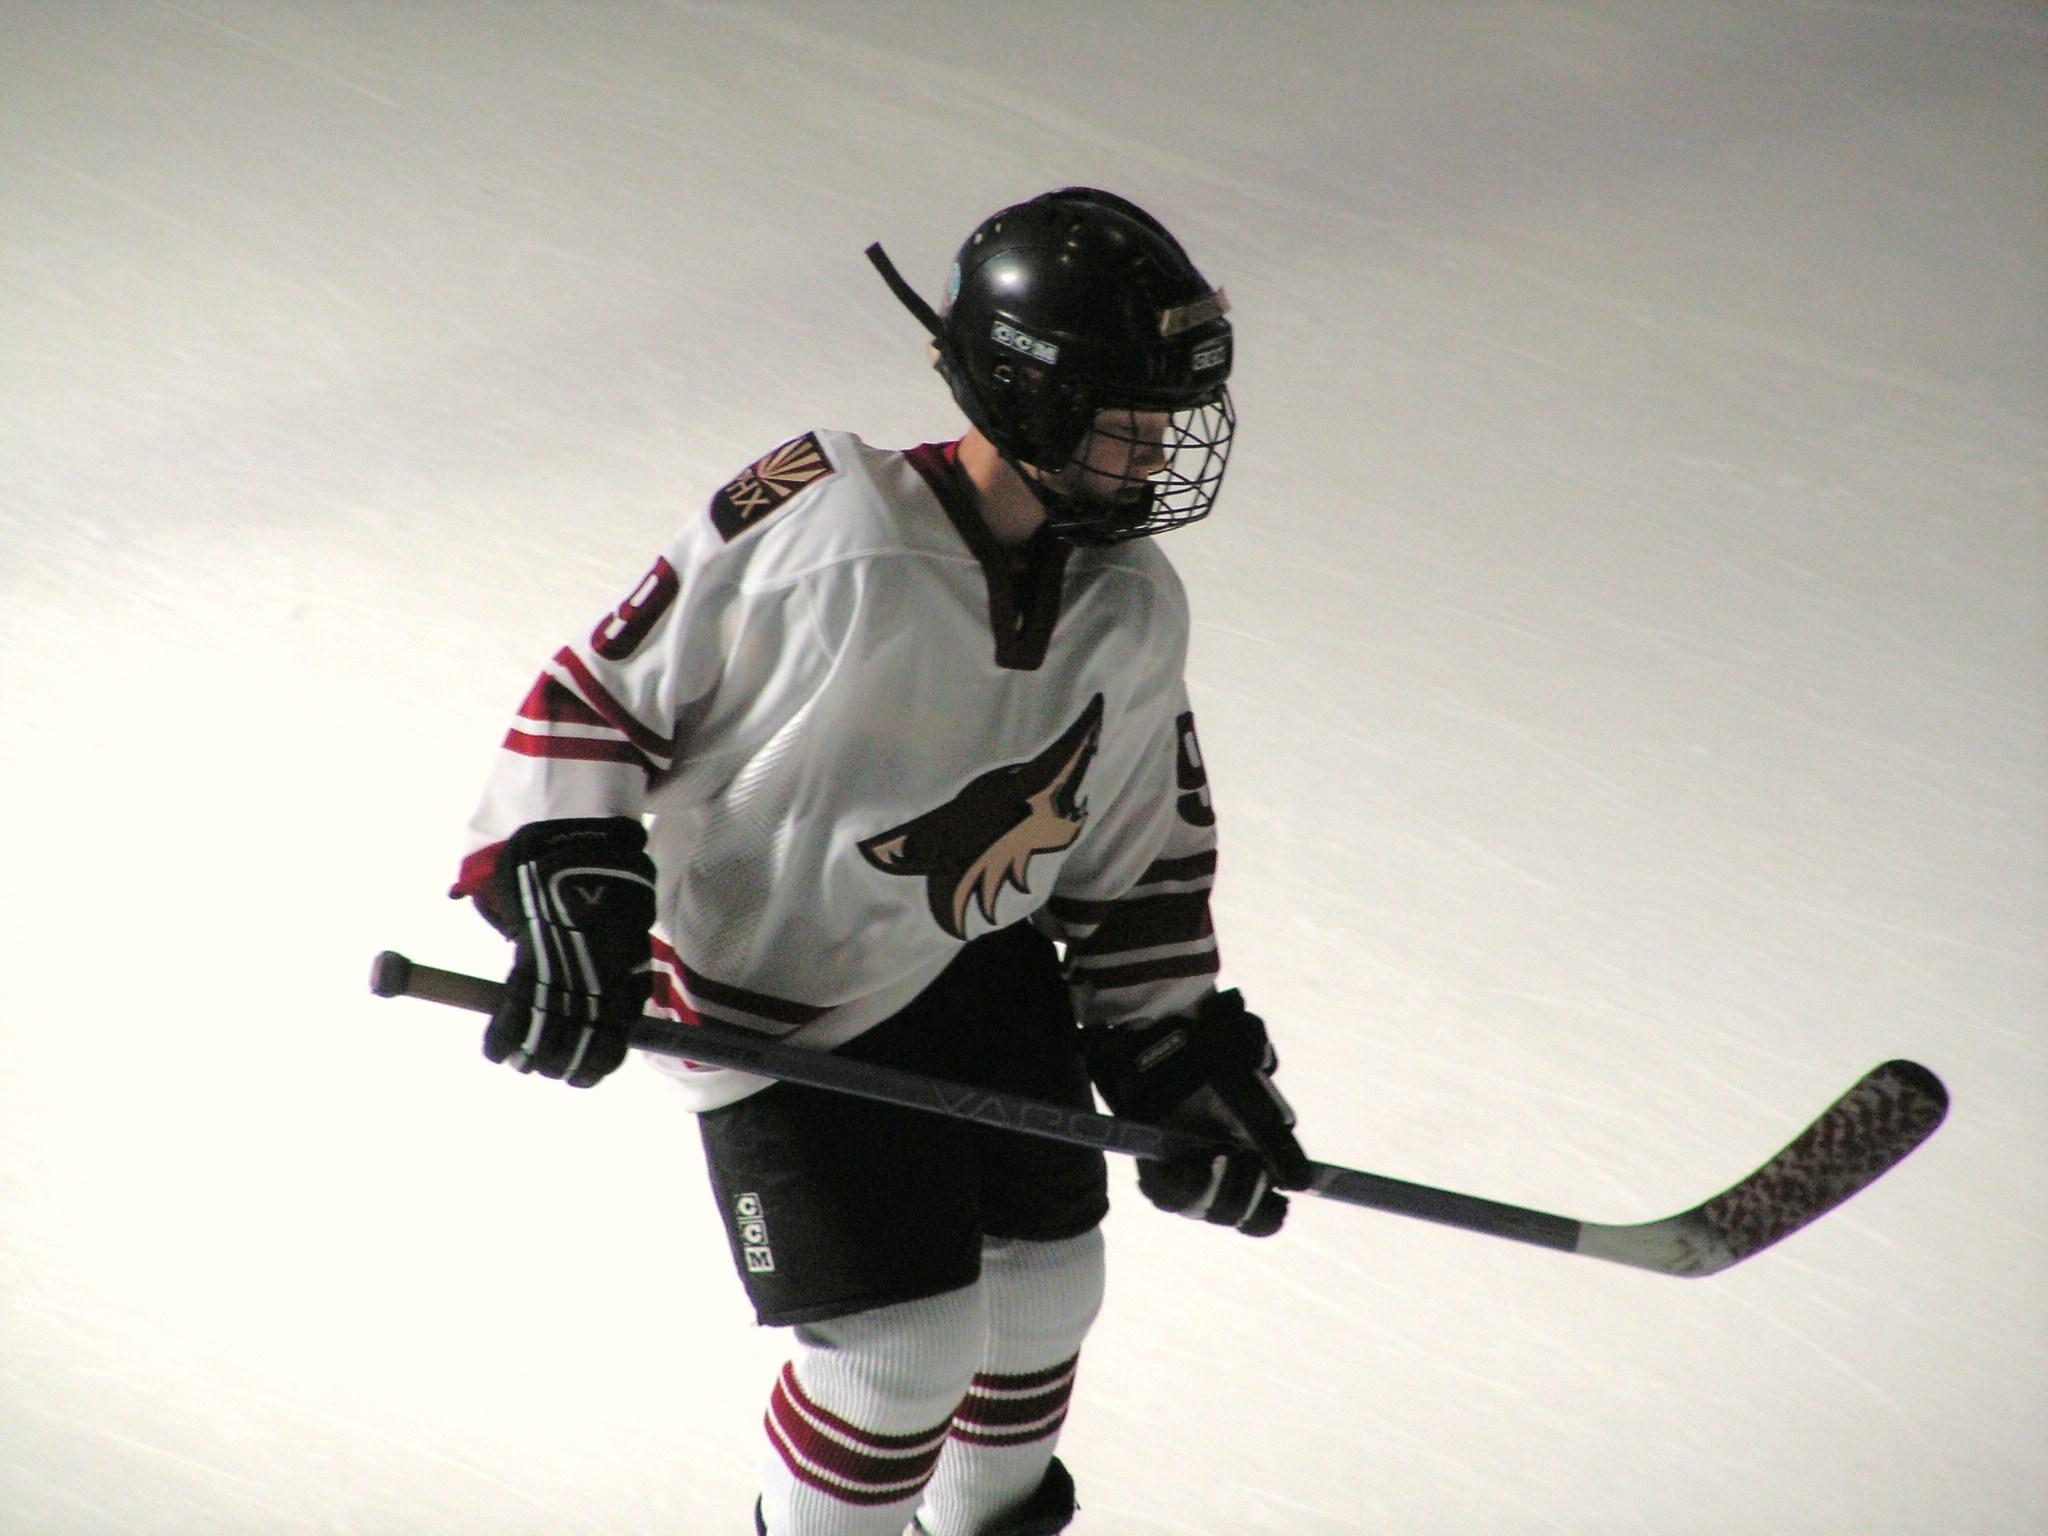 Austinhockey